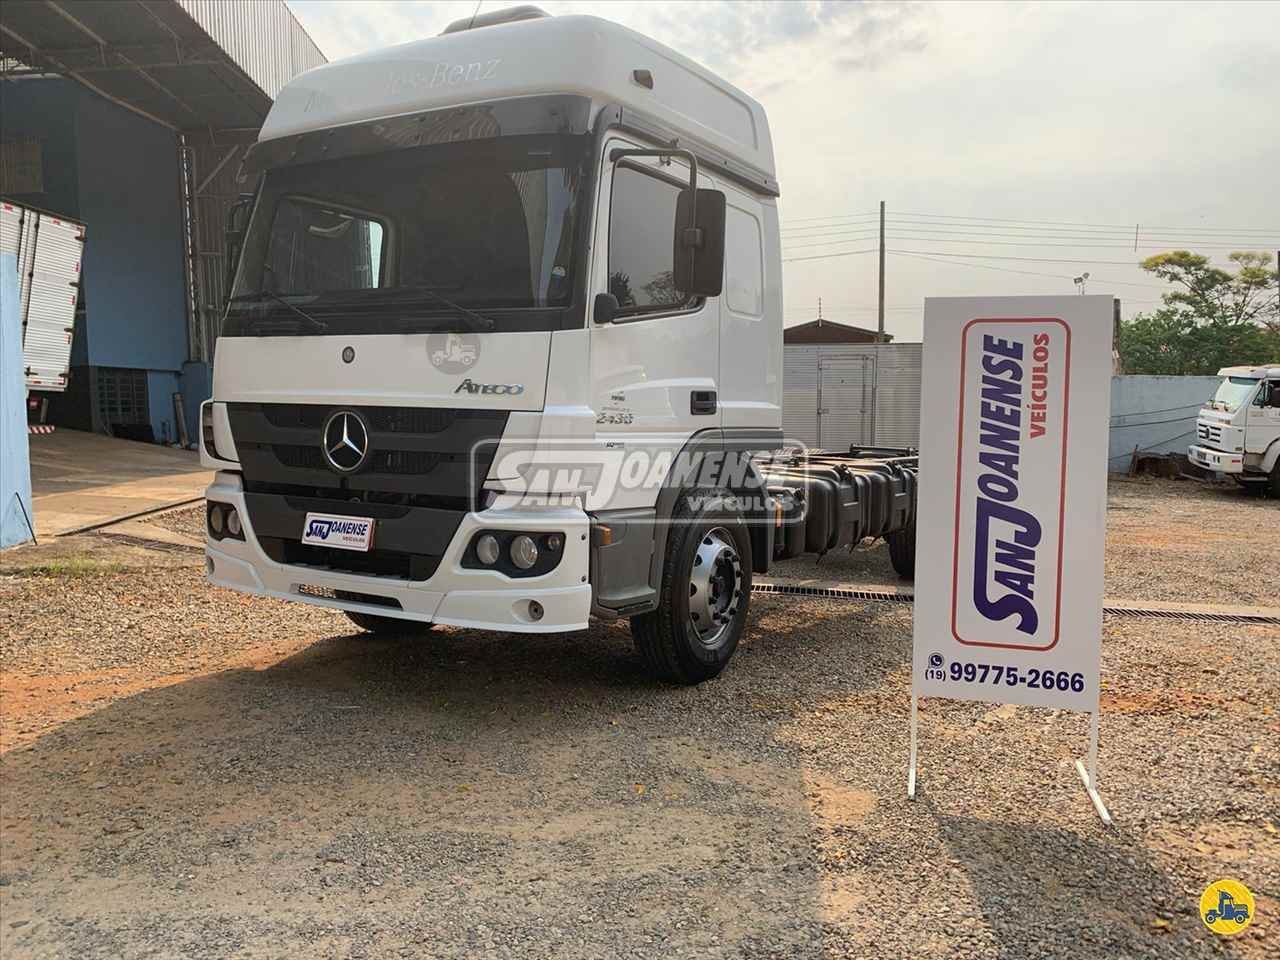 CAMINHAO MERCEDES-BENZ MB 2430 Chassis Truck 6x2 Sanjoanense Veículos SAO JOAO DA BOA VISTA SÃO PAULO SP